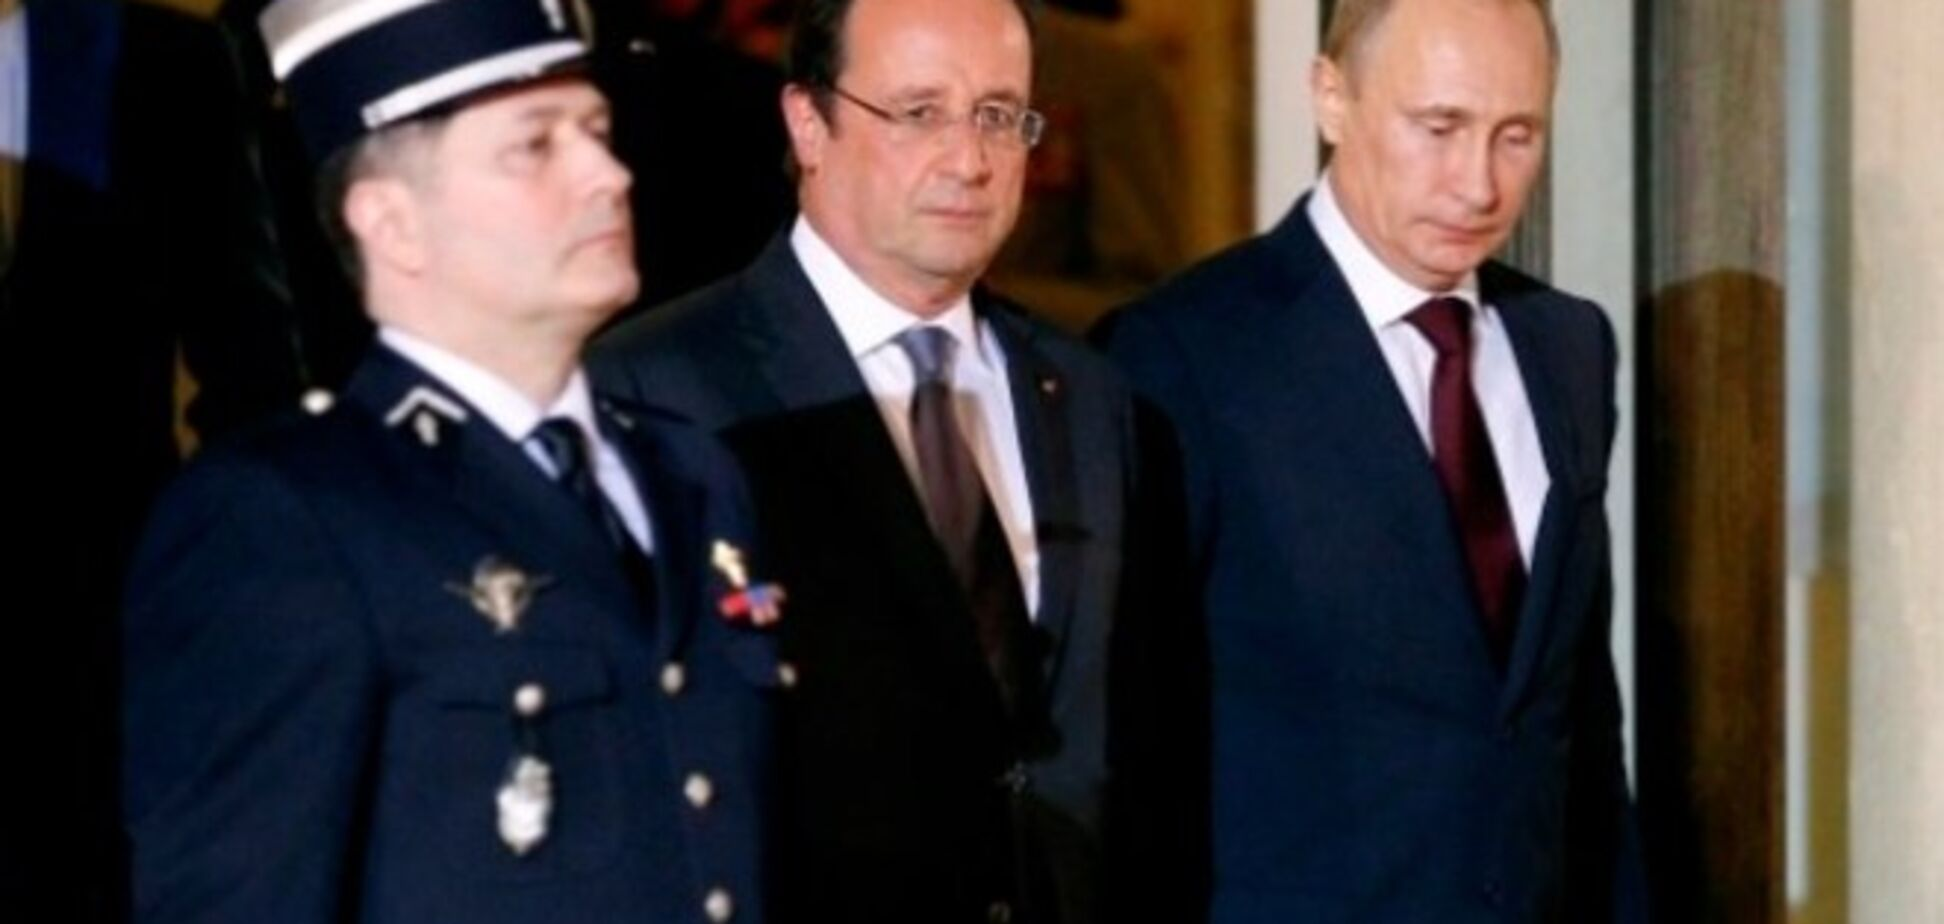 Путін зізнався, що може вплинути на терористів в Україні - прем'єр Франції